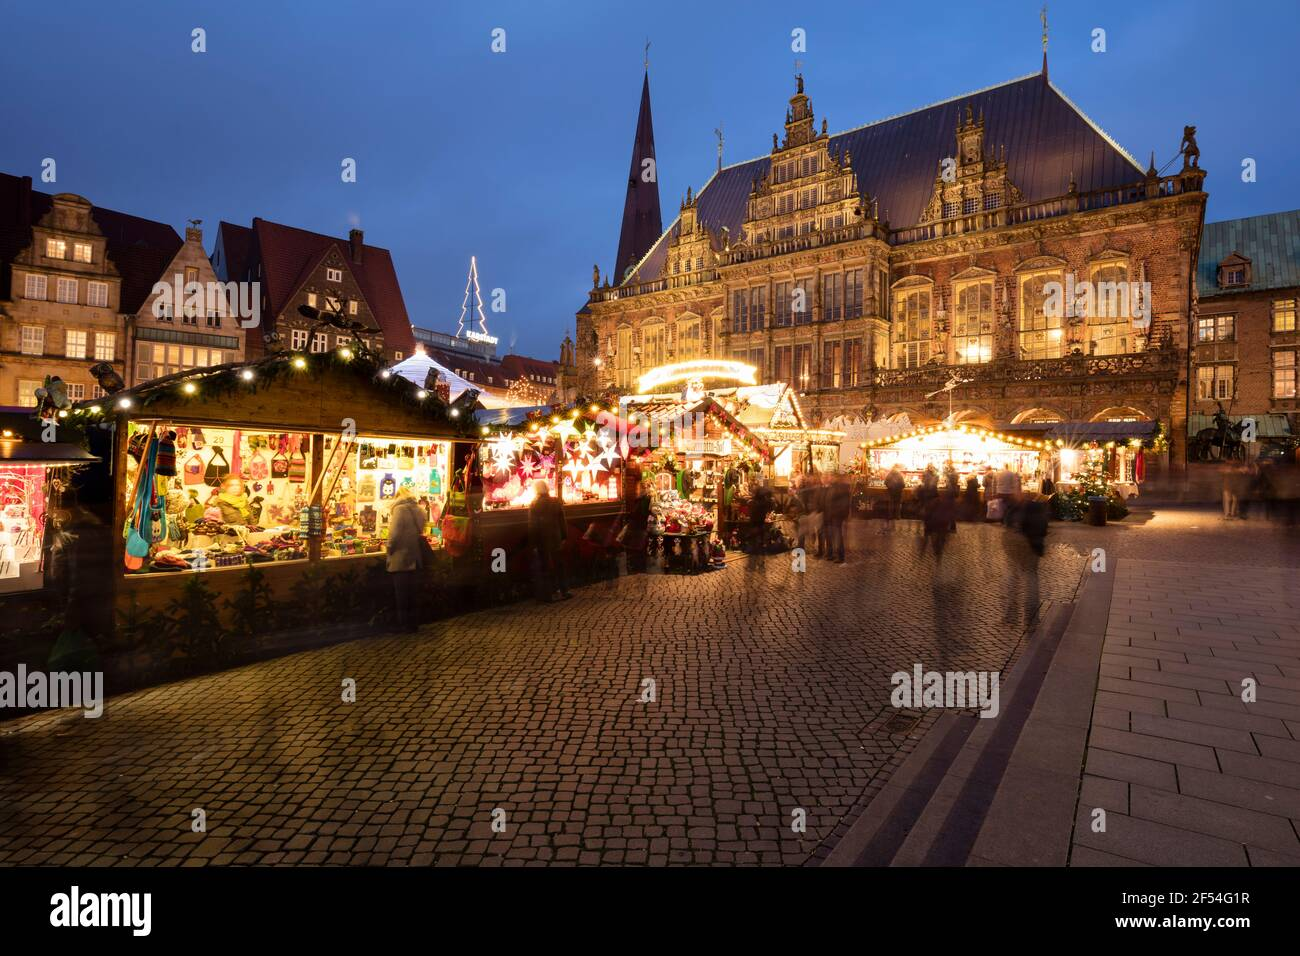 Geografía / viajes, Alemania, Bremen, mercado, ayuntamiento, Mercado de Navidad, Derechos adicionales-liquidación-Información-no-disponible Foto de stock